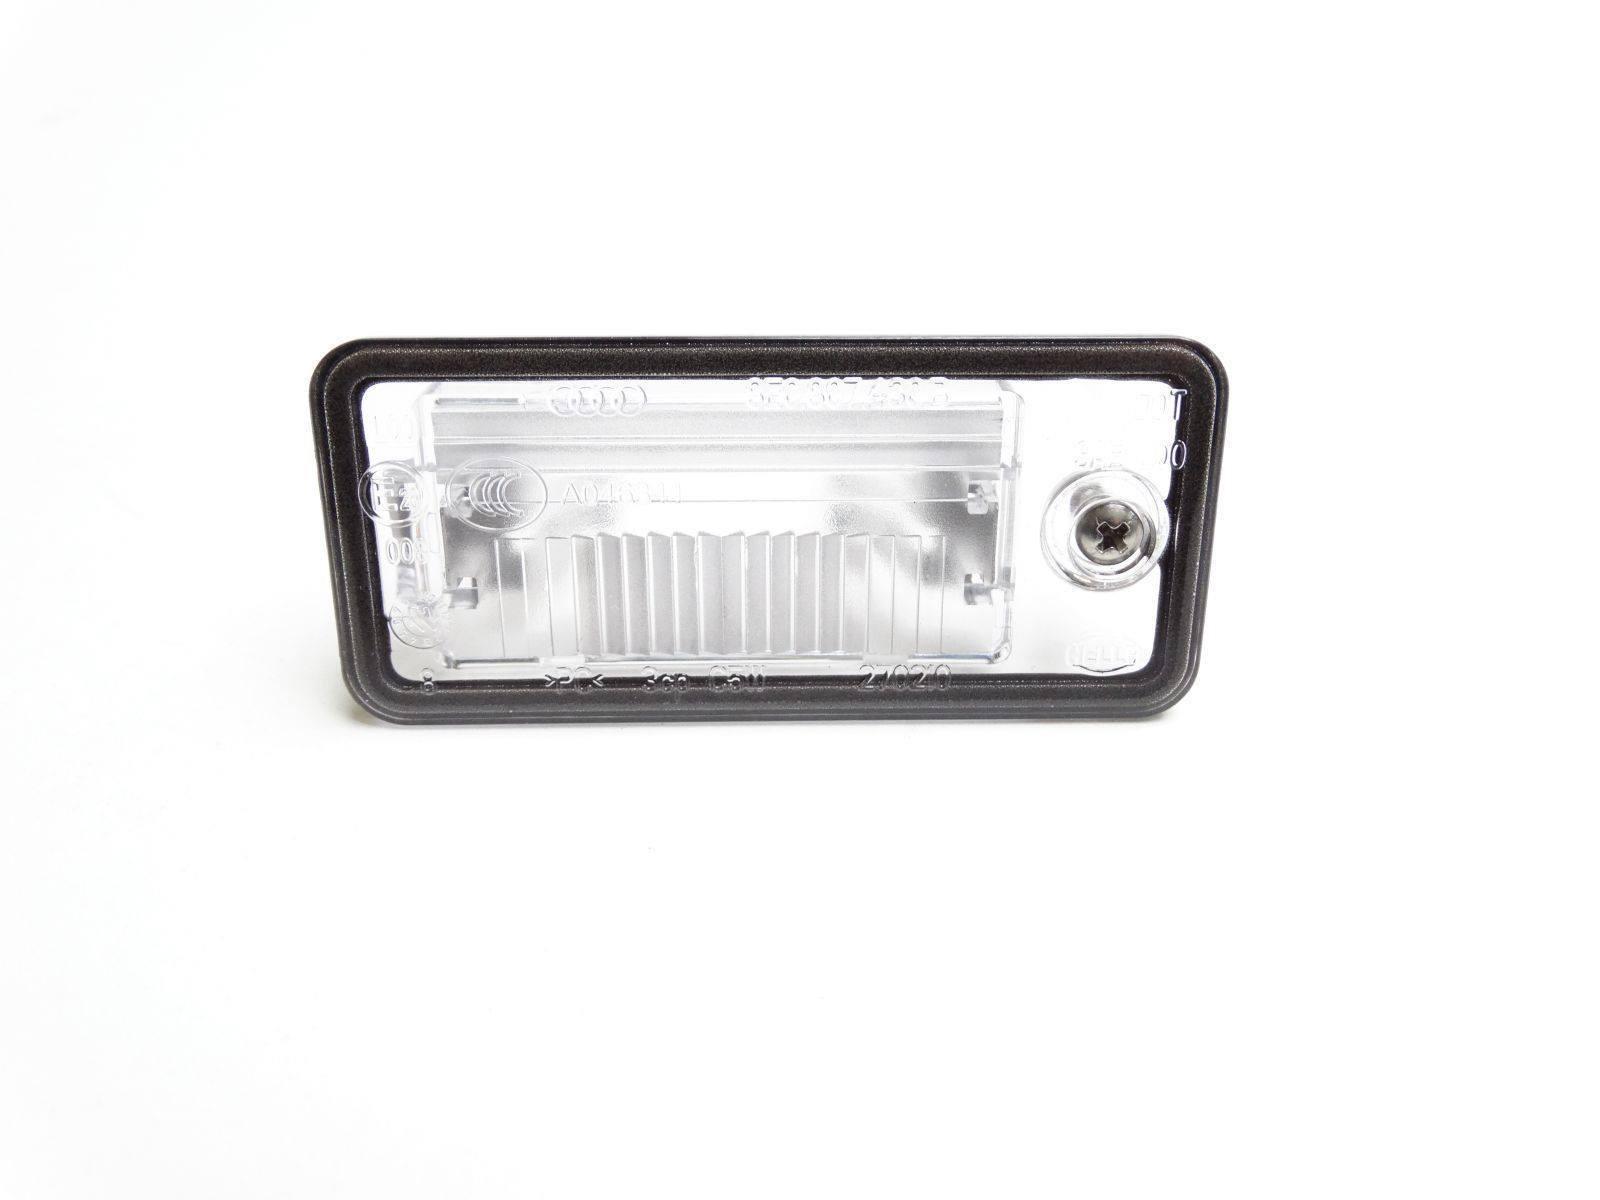 Plafoniere Per Auto : Audi a4 8e b7 b6 plafoniera per luci targa alogene originale